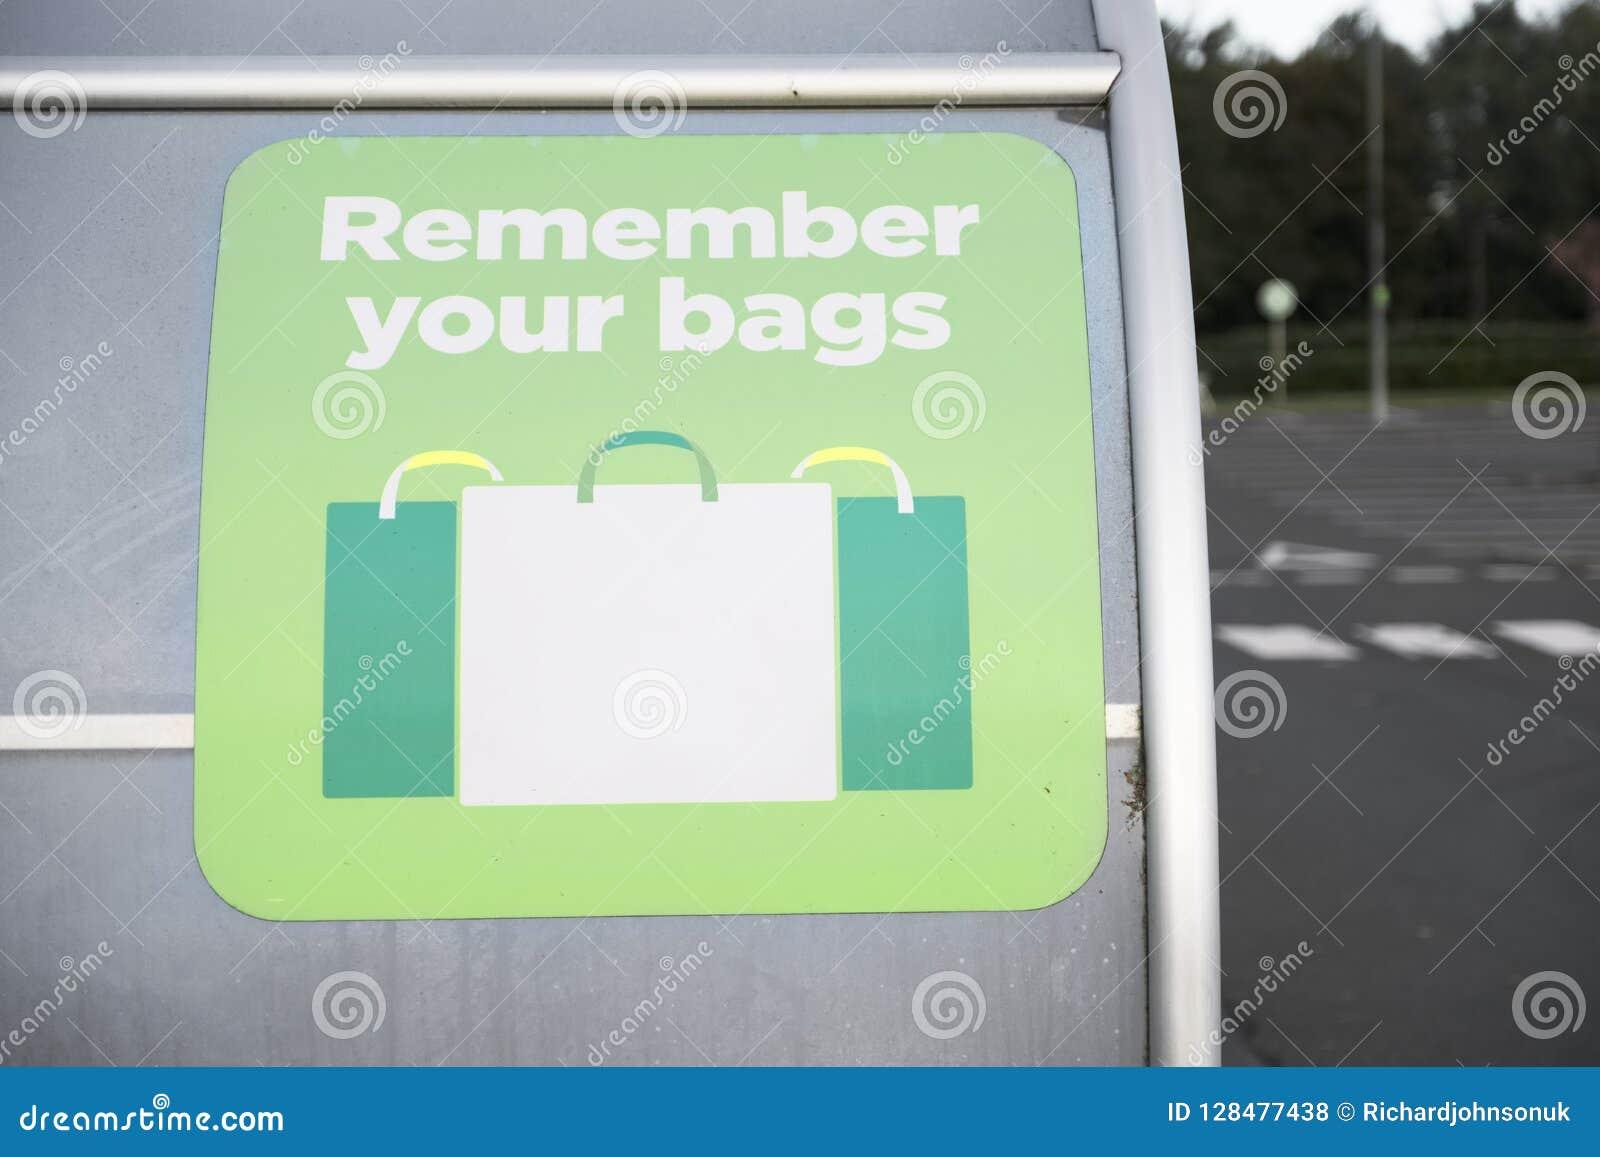 Recorde reutilizar seus sacos de plástico para que comprar ajude a reduzir a poluição e o desperdício